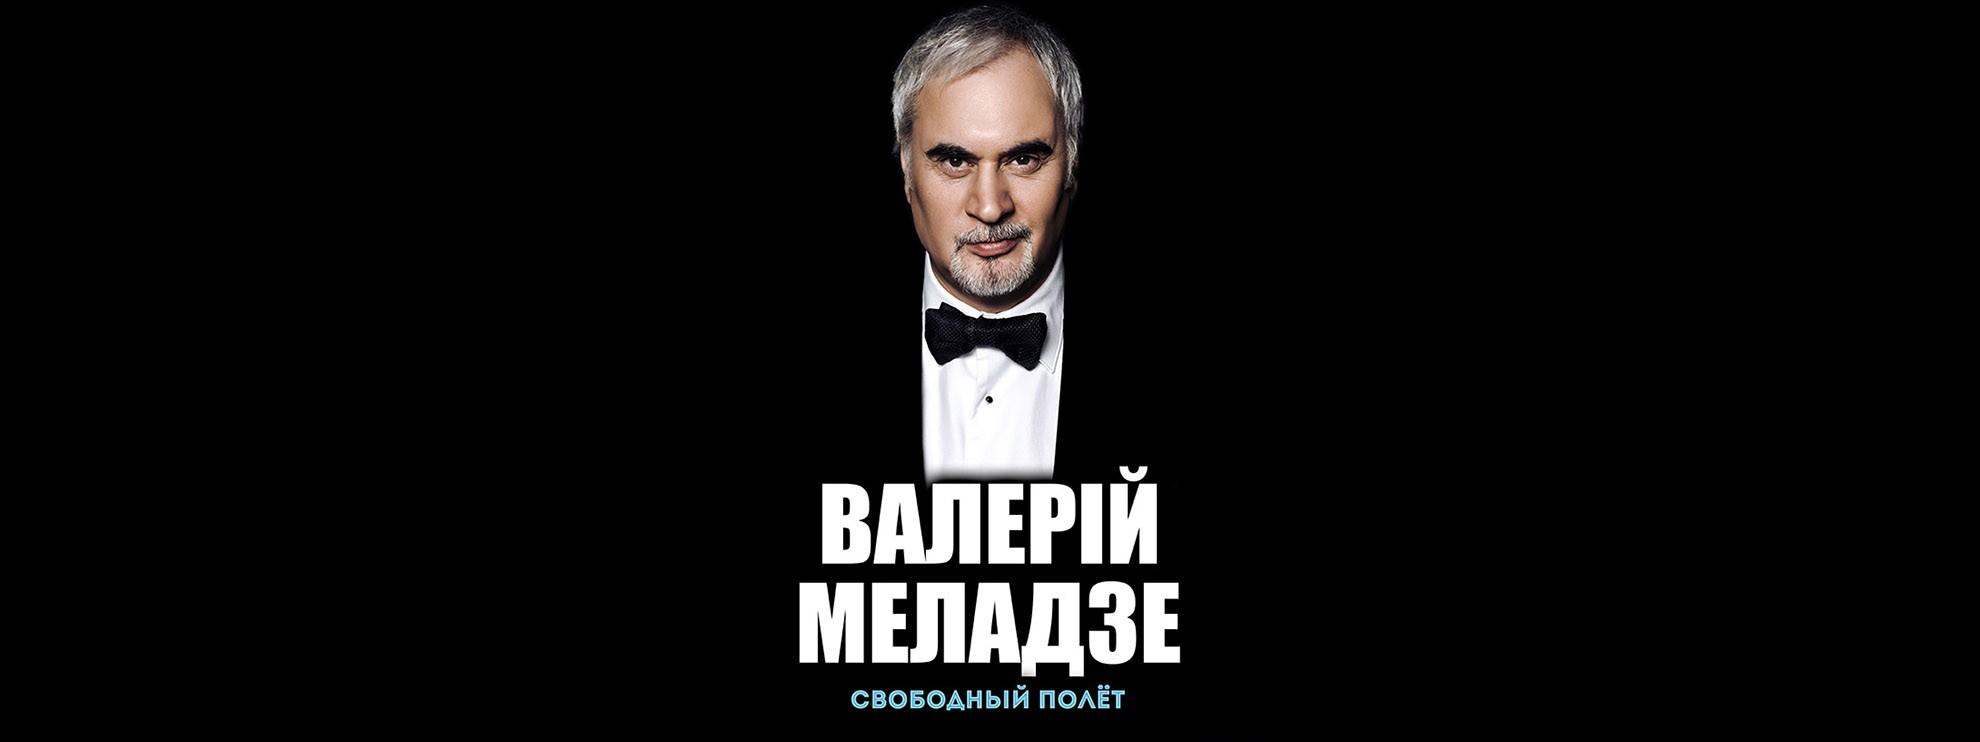 событие Валерий Меладзе «Свободный полет»